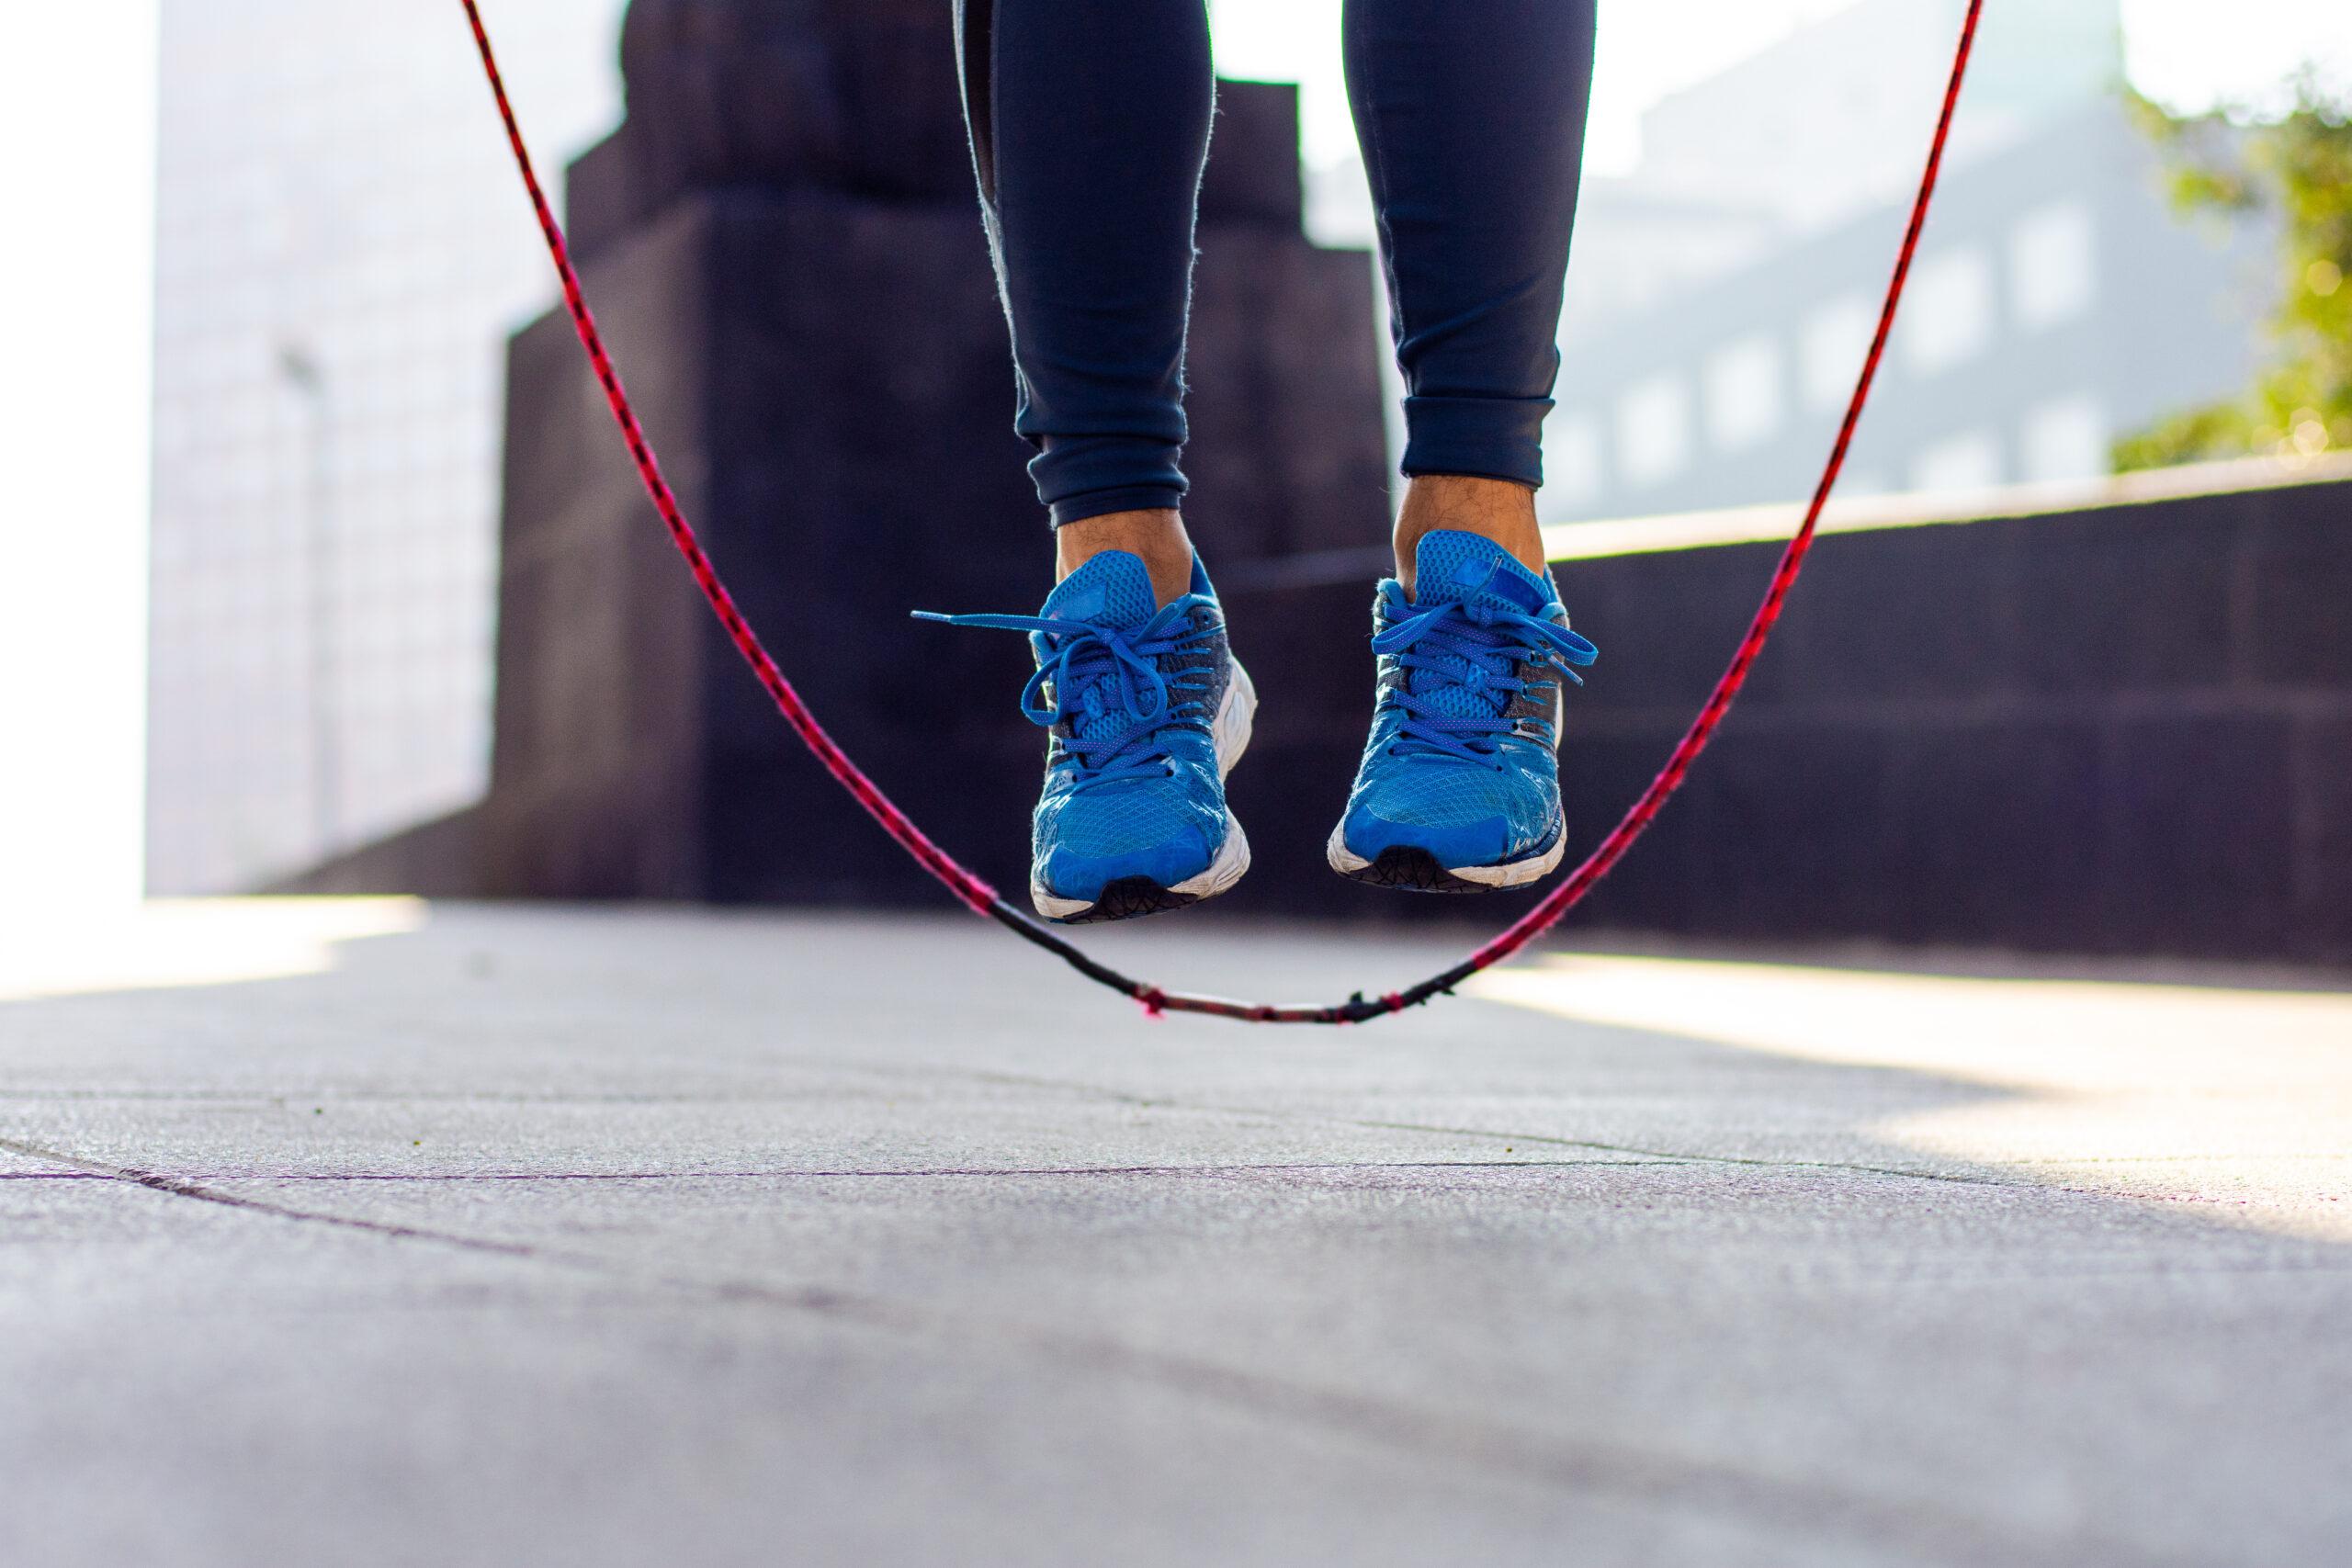 Seilspringen: Ein Mann trainiert draußen und springt über ein Springseil